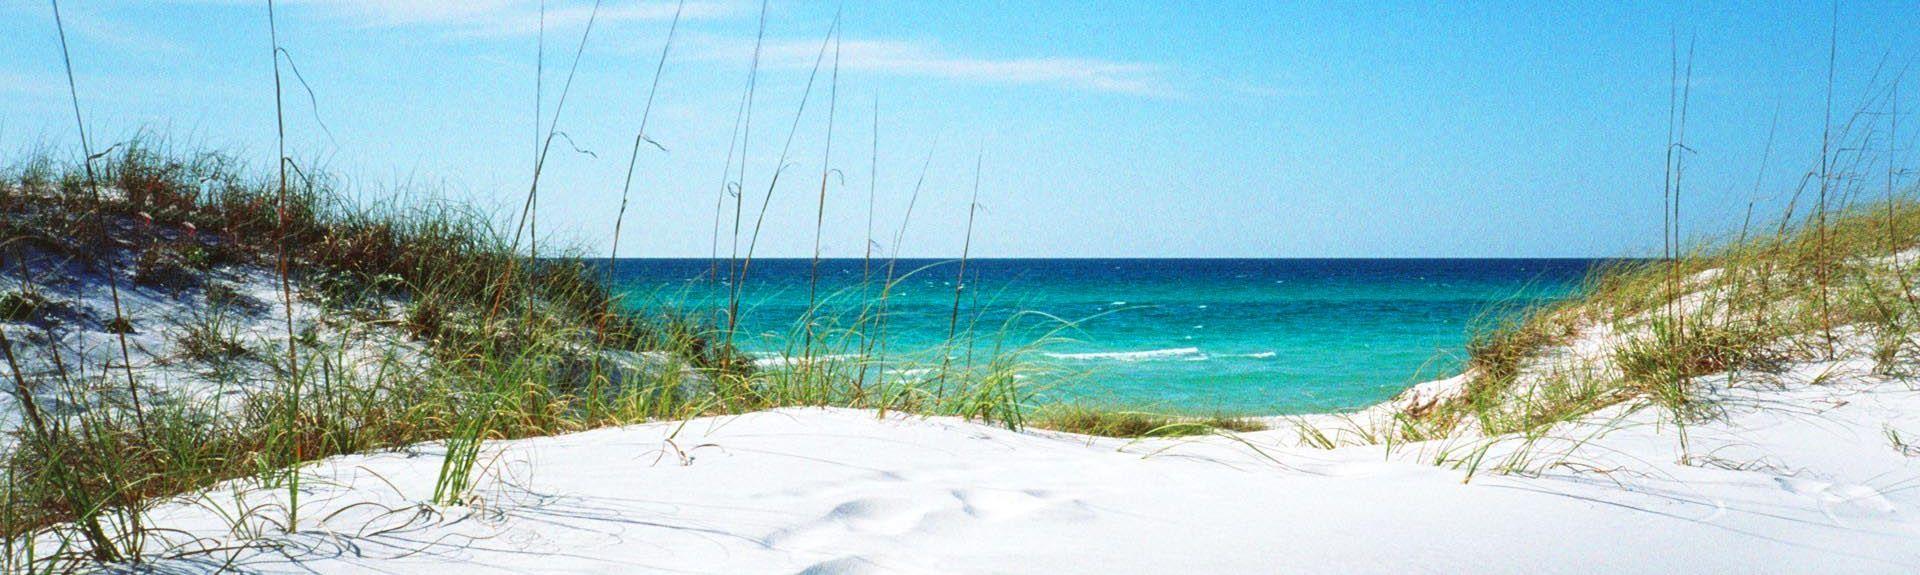 Islander Beach Resort (Fort Walton Beach, Florida, Estados Unidos)